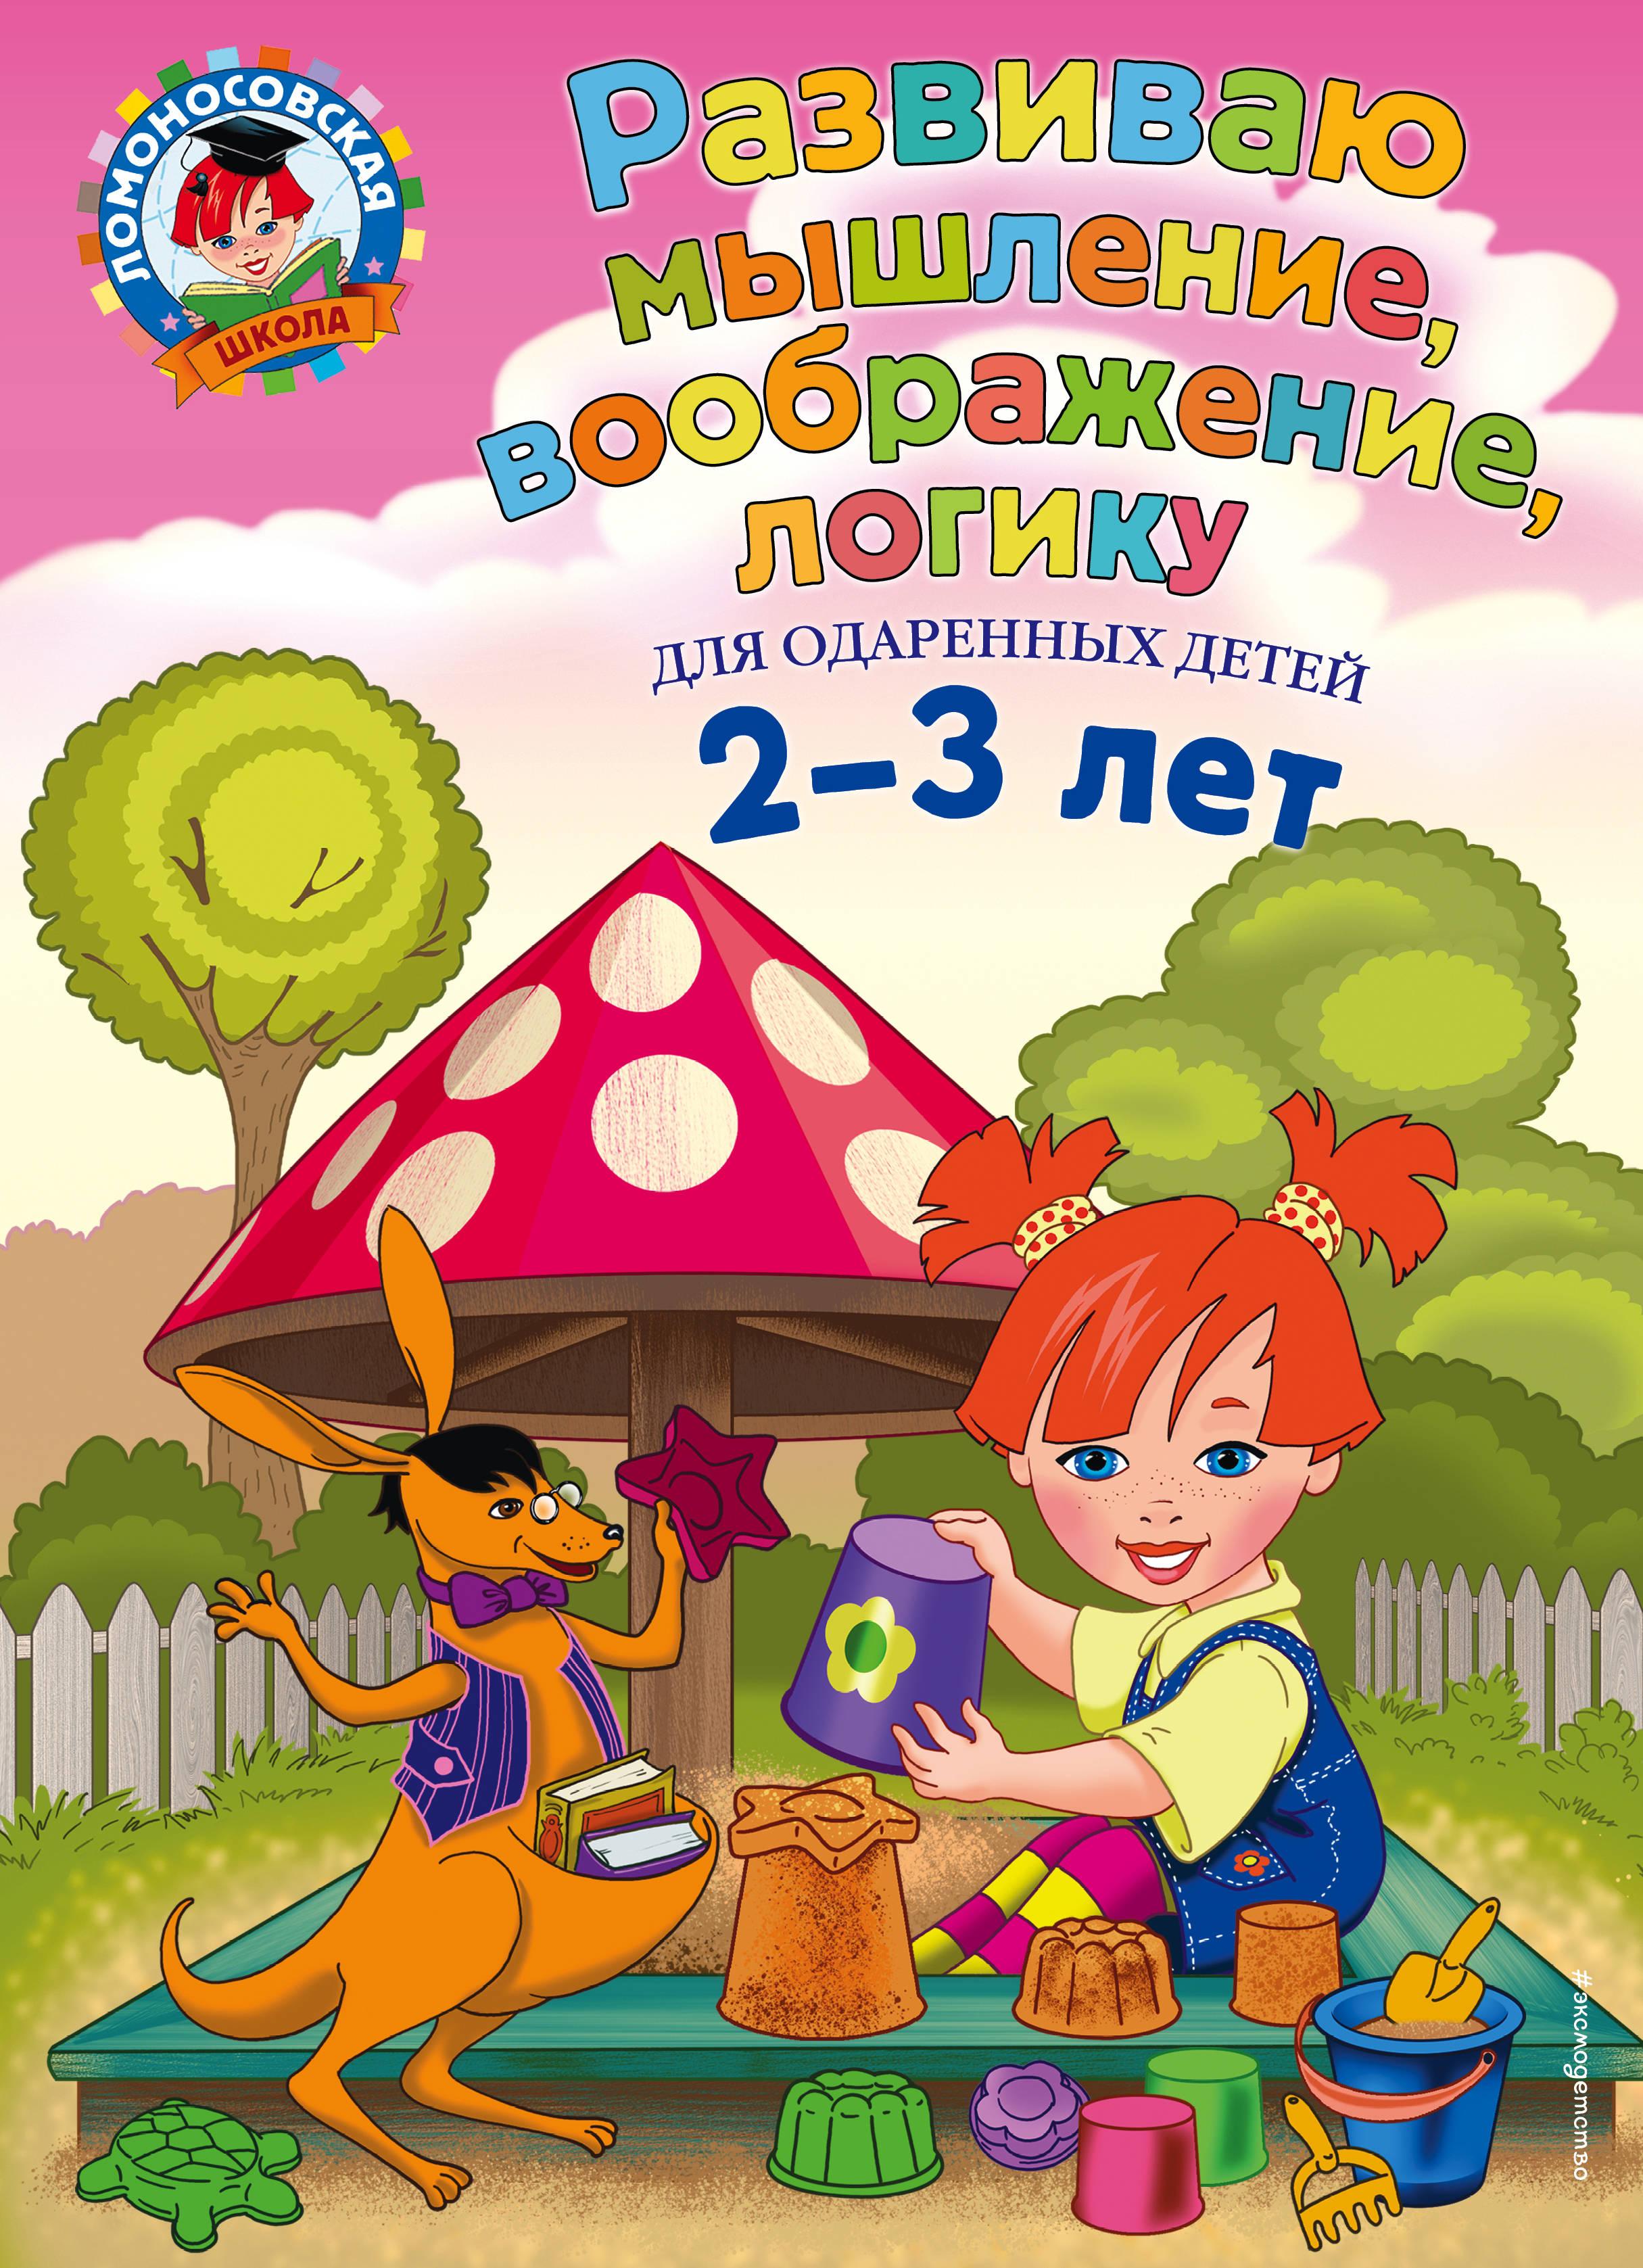 Шкляревская С.М. Развиваю мышление, воображение, логику: для детей 2-3 лет ISBN: 978-5-699-92884-2